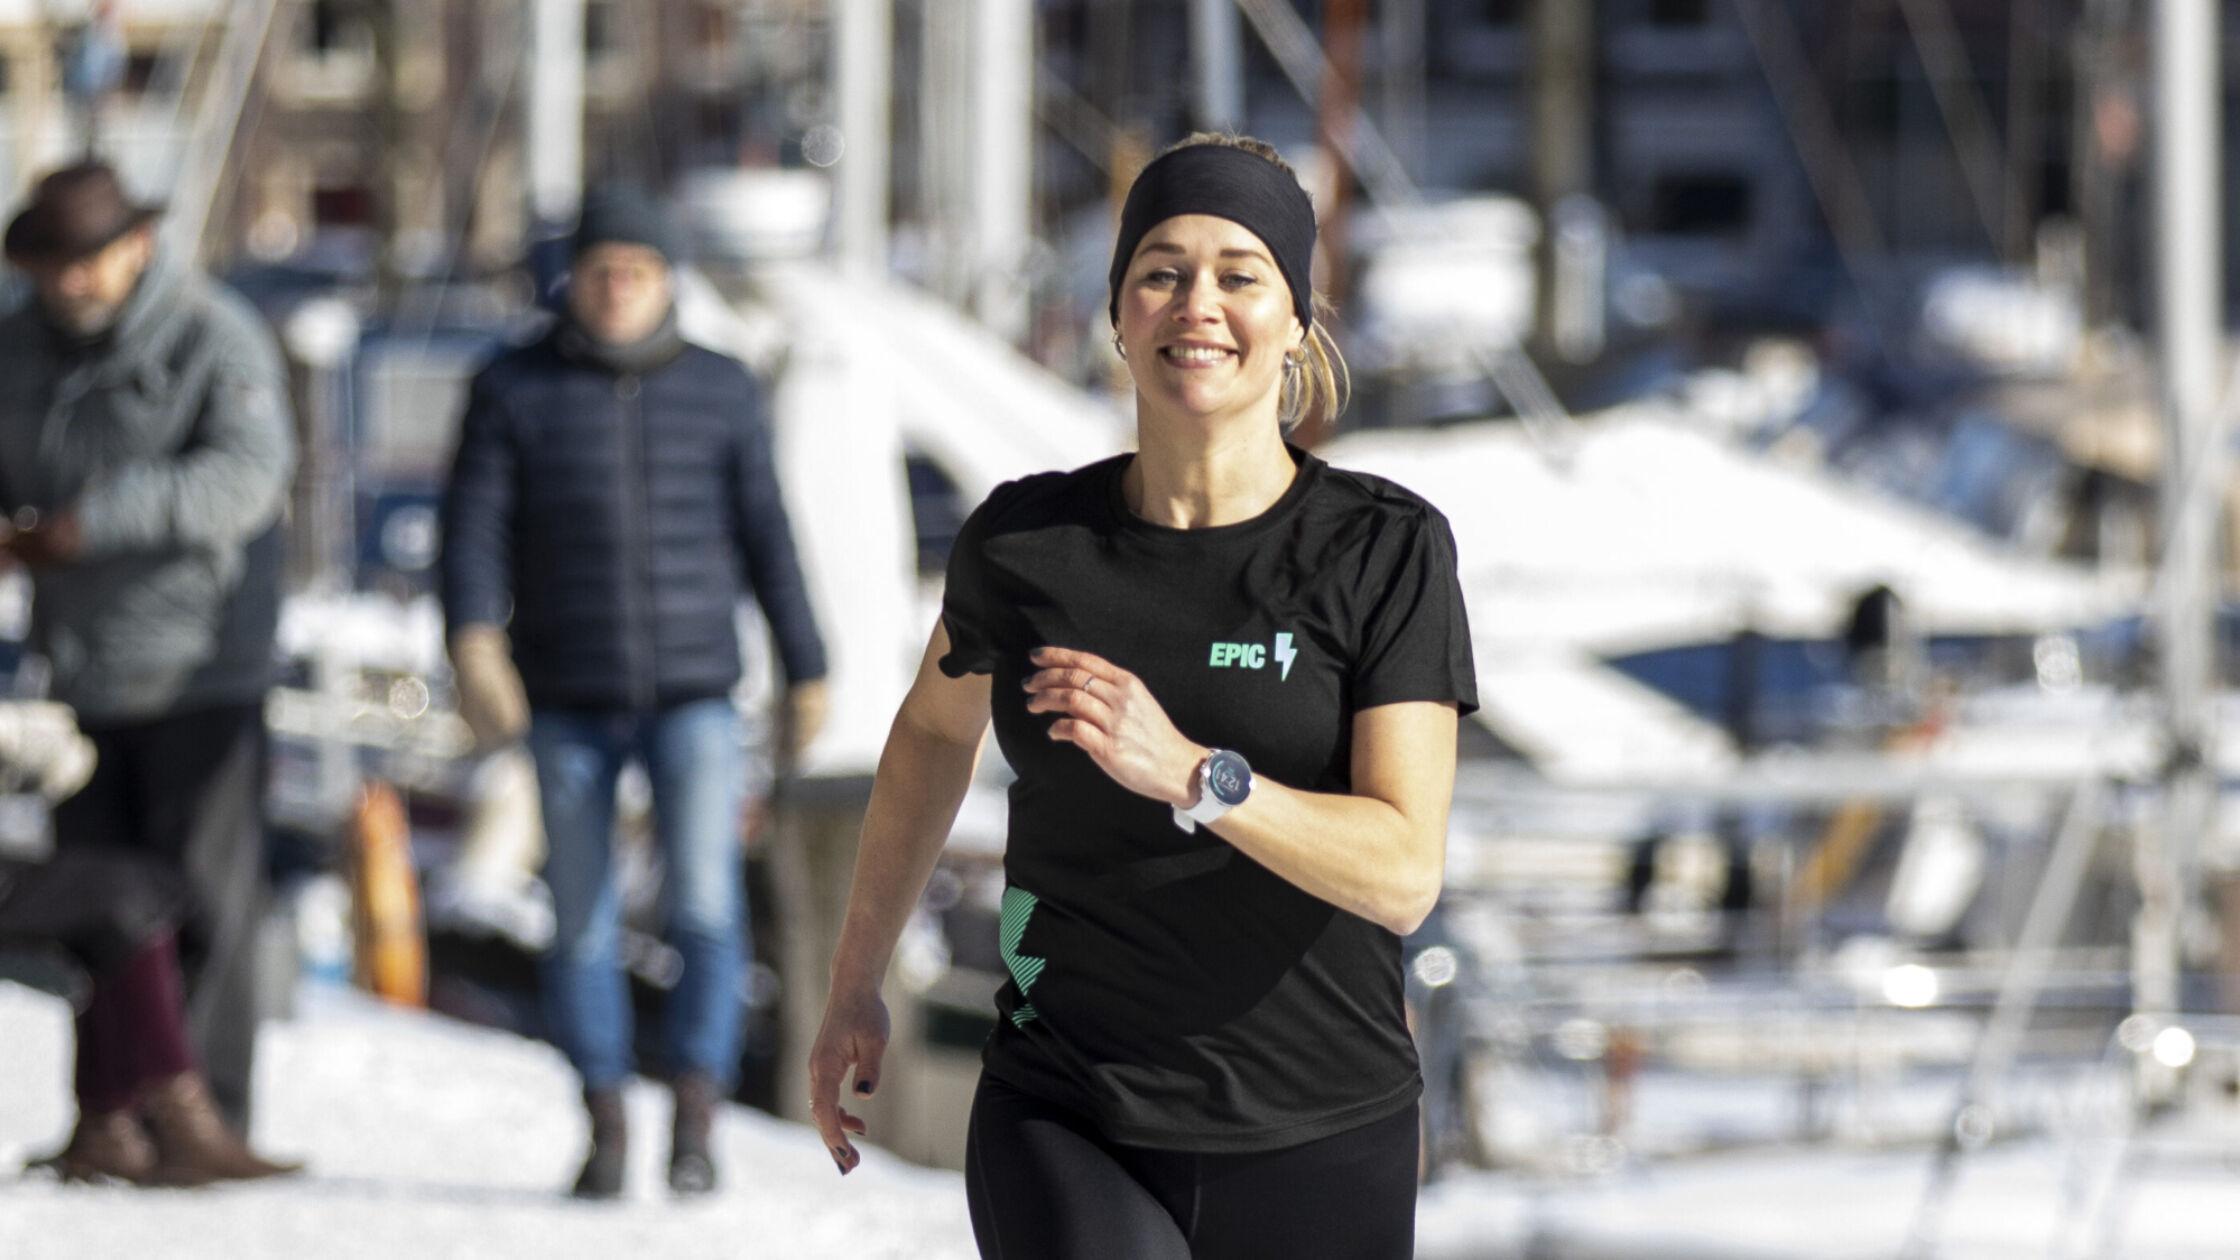 Angela Kooijman begon met hardlopen door de coronacrisis